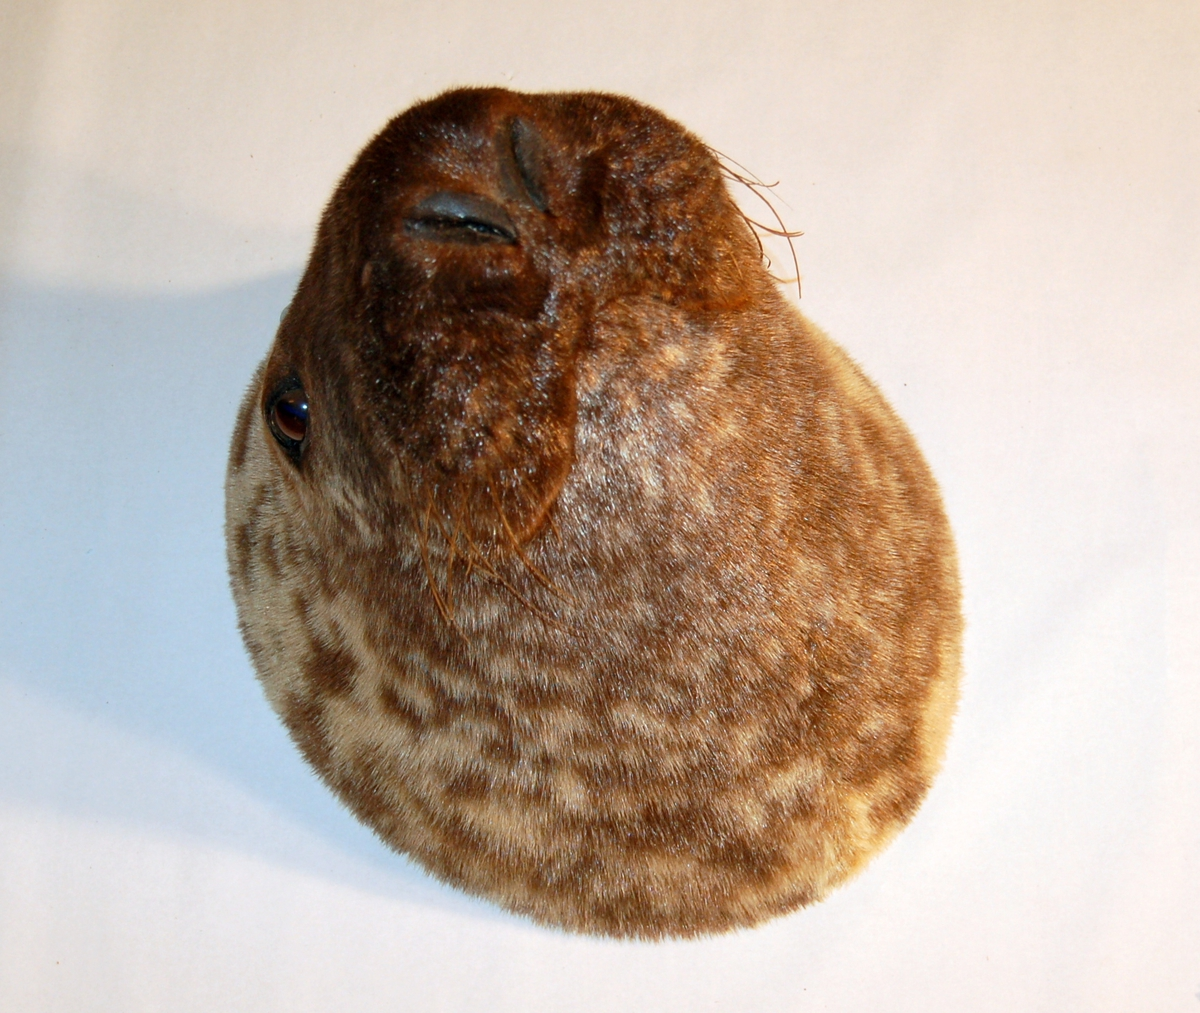 Preparatet er av hode med hals på en Hettekall, (Klappmyssfamilien) kappet fremfor sveivene og montert på en plate av kryssfiner.